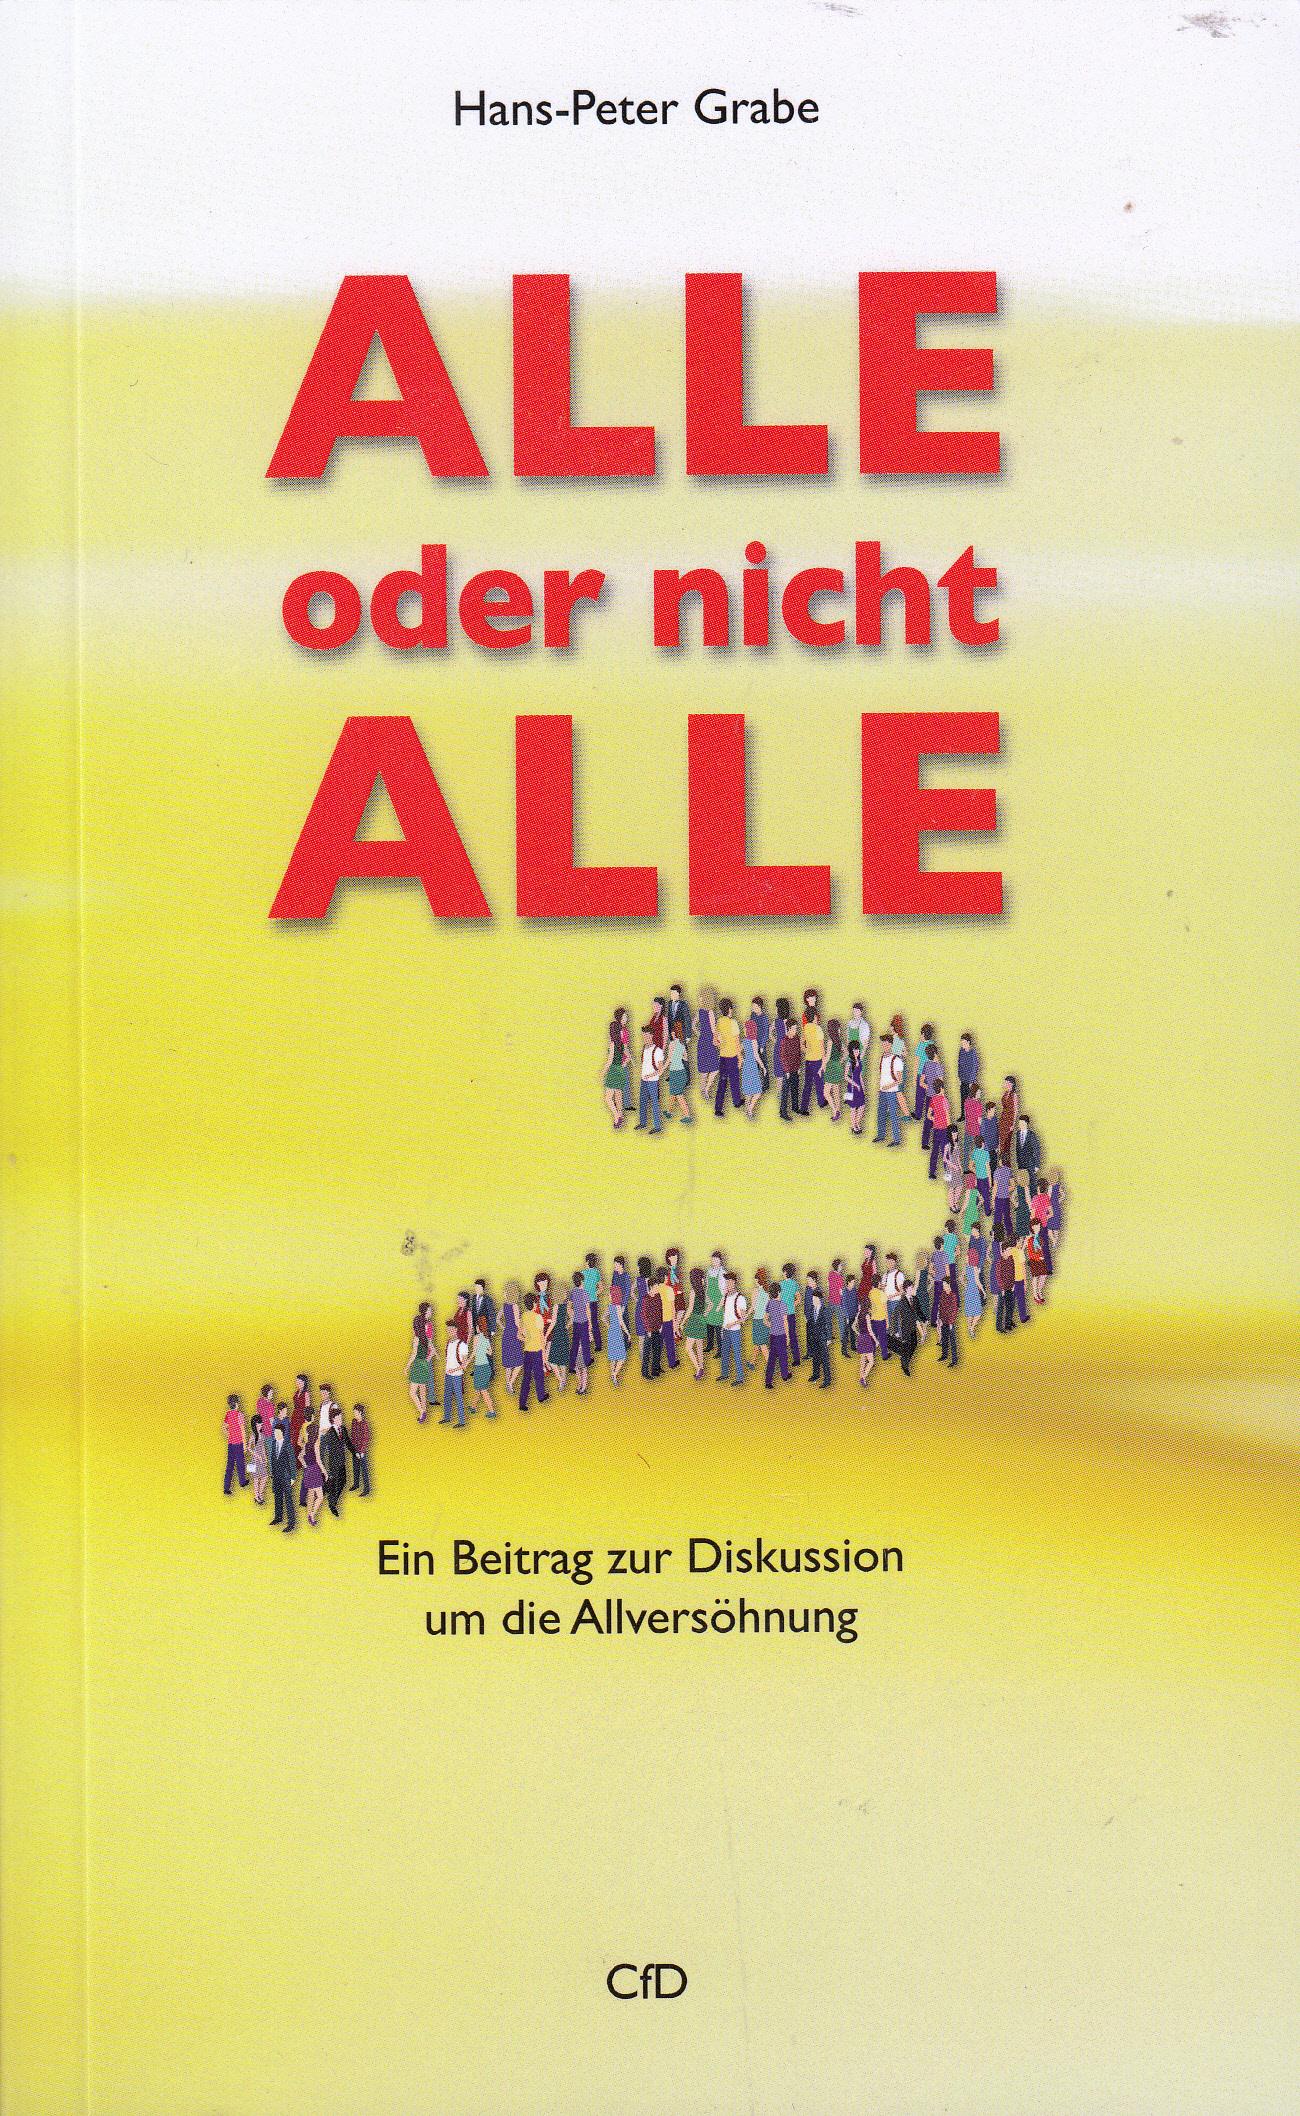 Alle oder nicht Alle? - Ein Beitrag zur Diskussion um die Allversöhnung   Hans - Peter Grabe